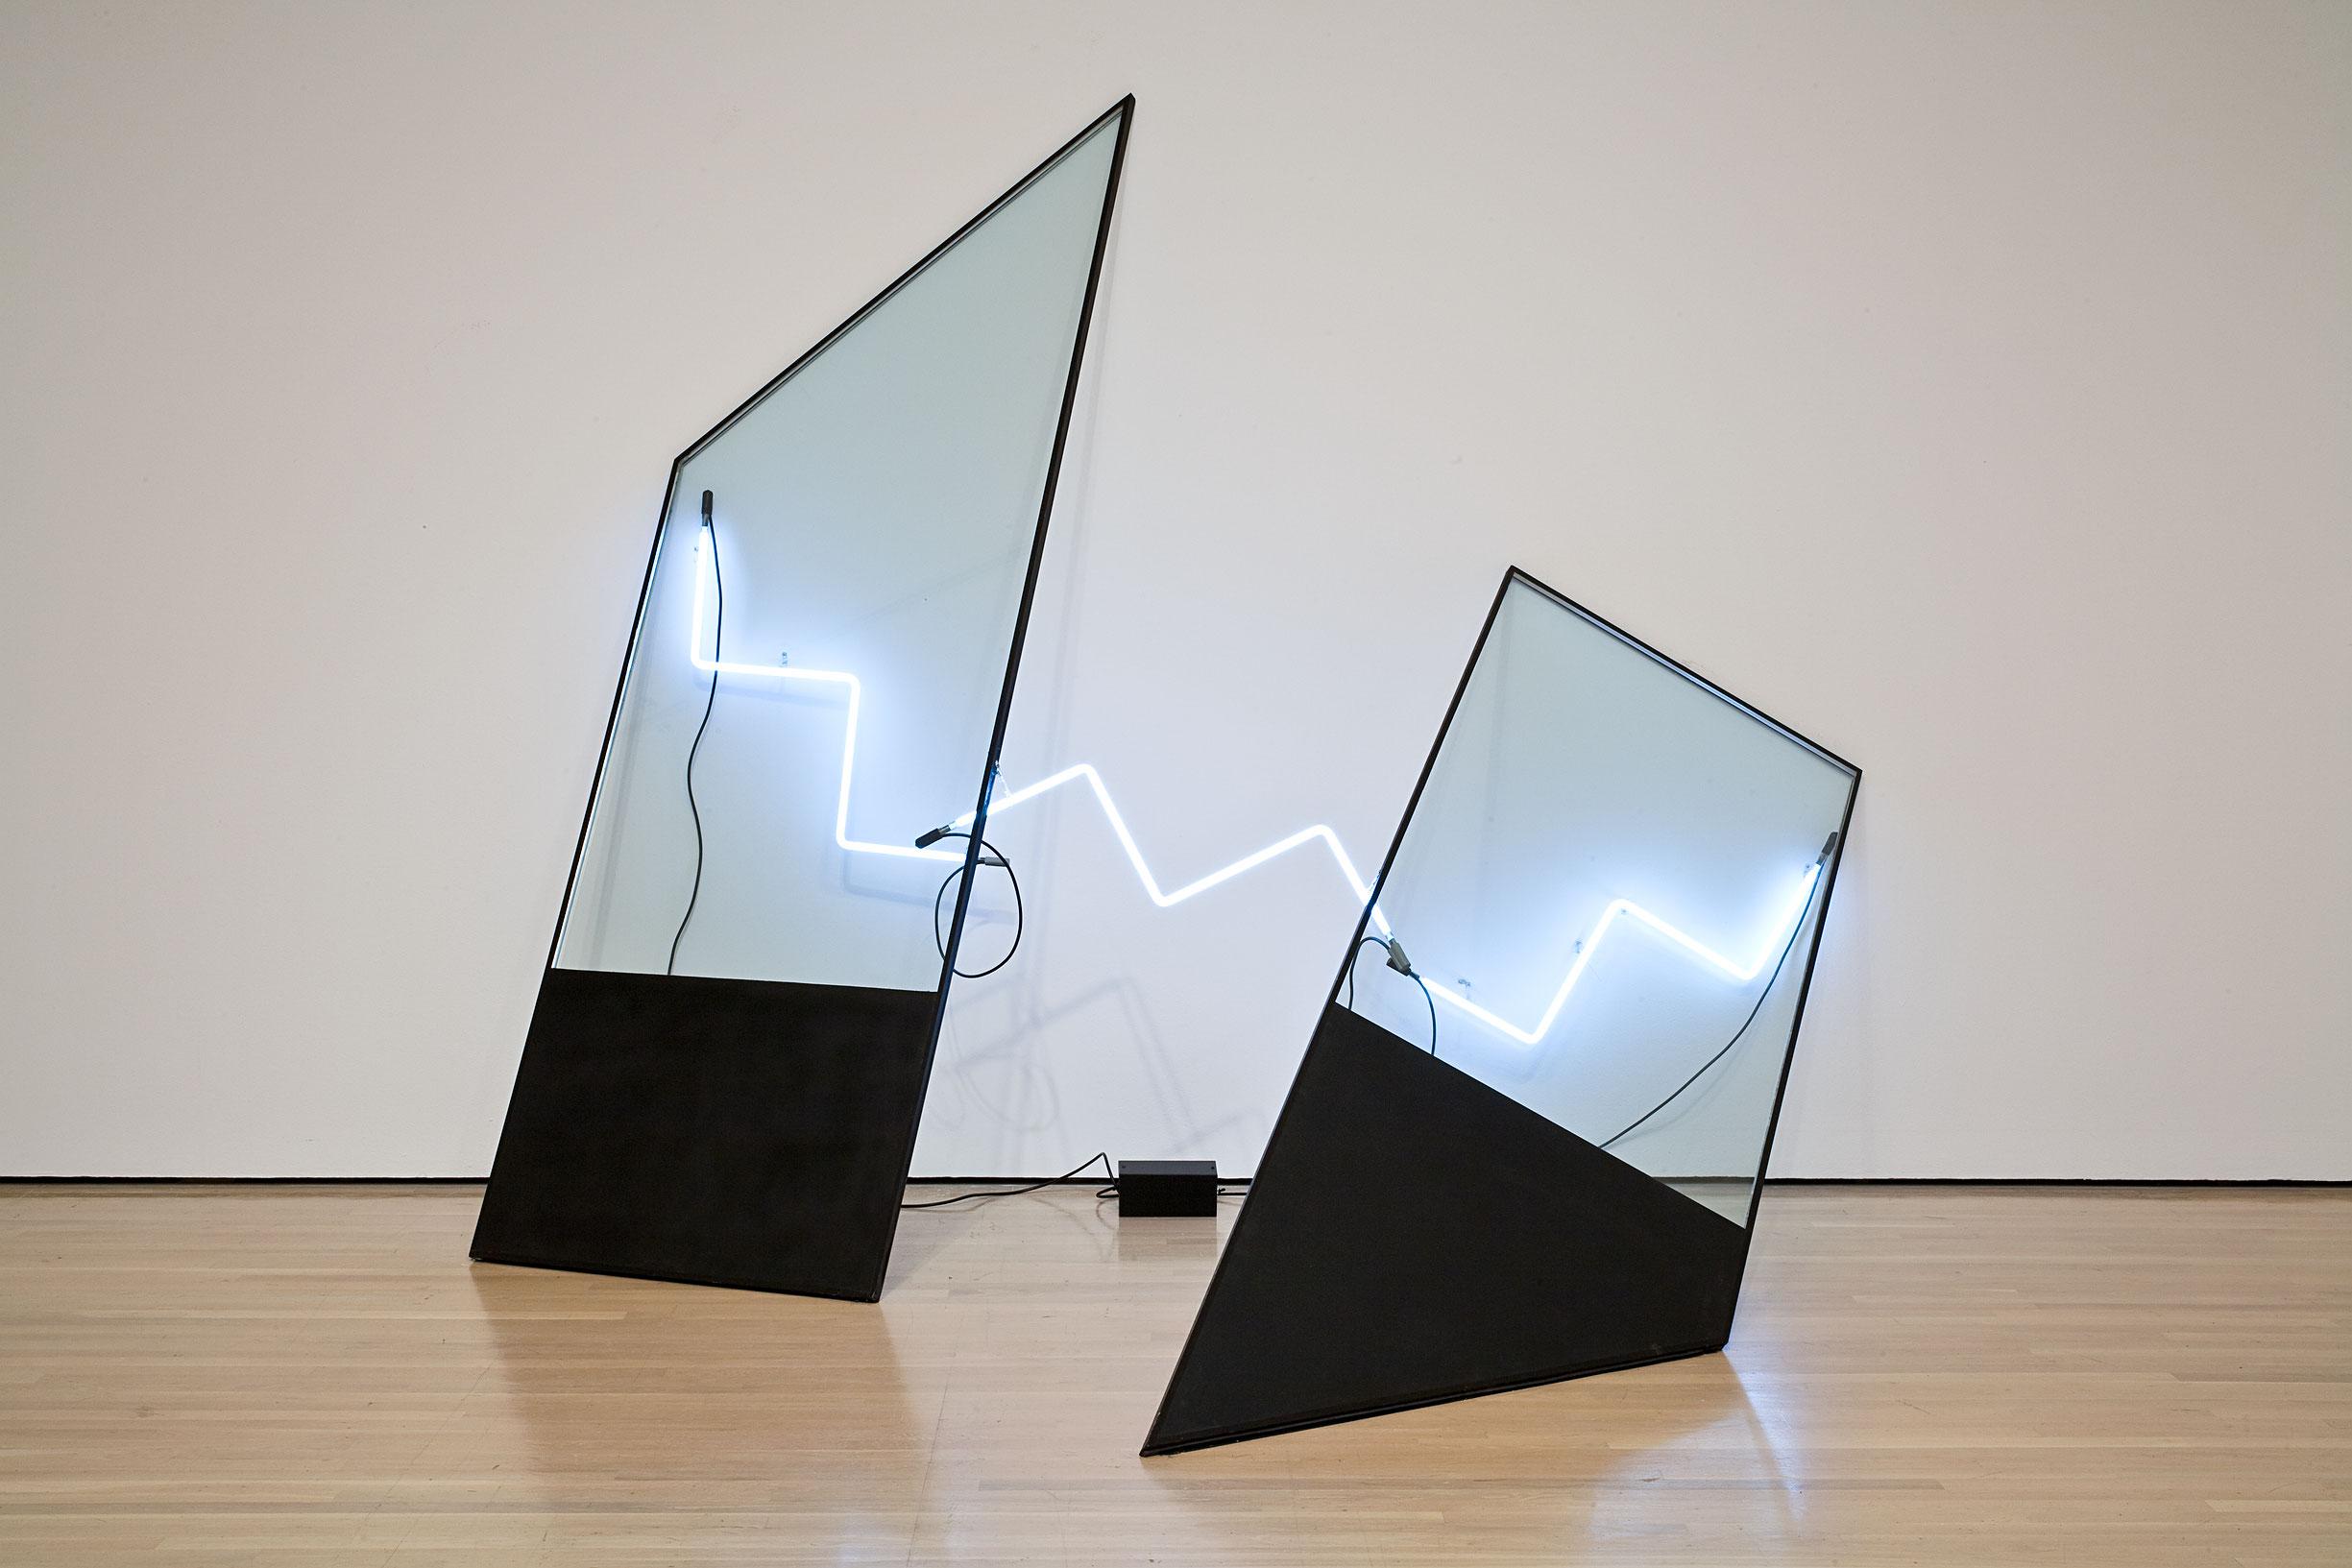 La Salle, 1980, Keith Sonnier, Verre, peinture noire, ruban adhésif, néon, transformateur et filage électrique.